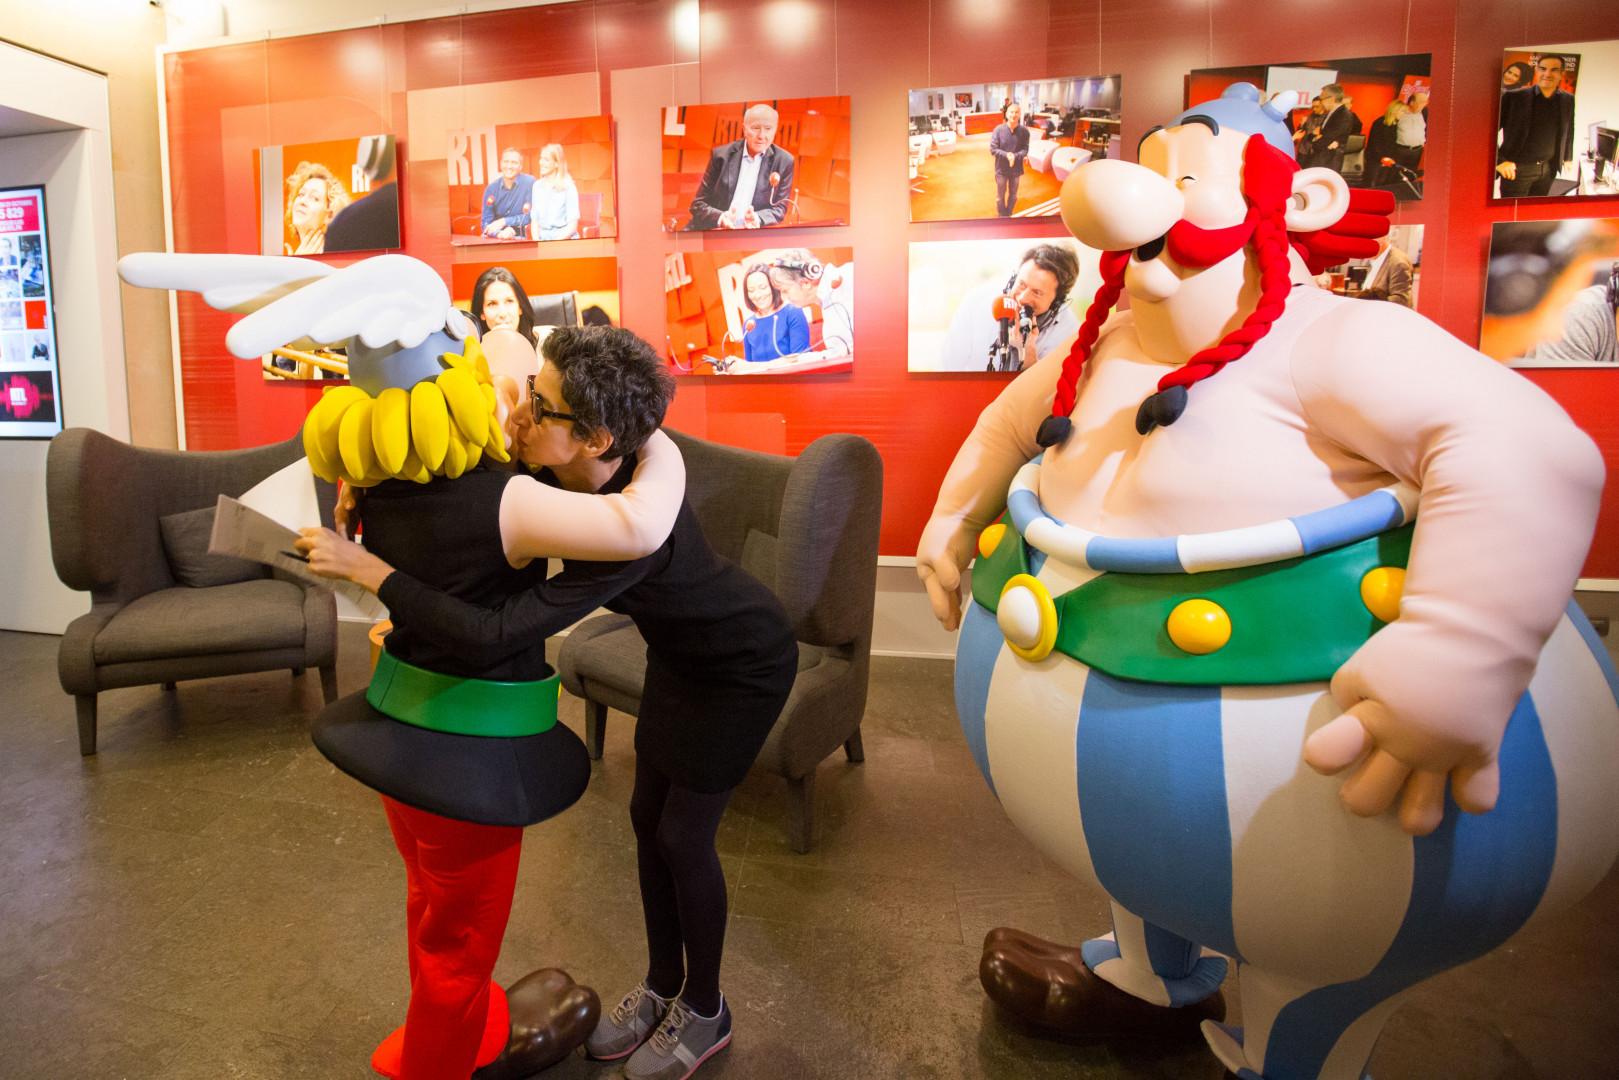 Astérix et Obélix saluent Monique Younès, journaliste à RTL